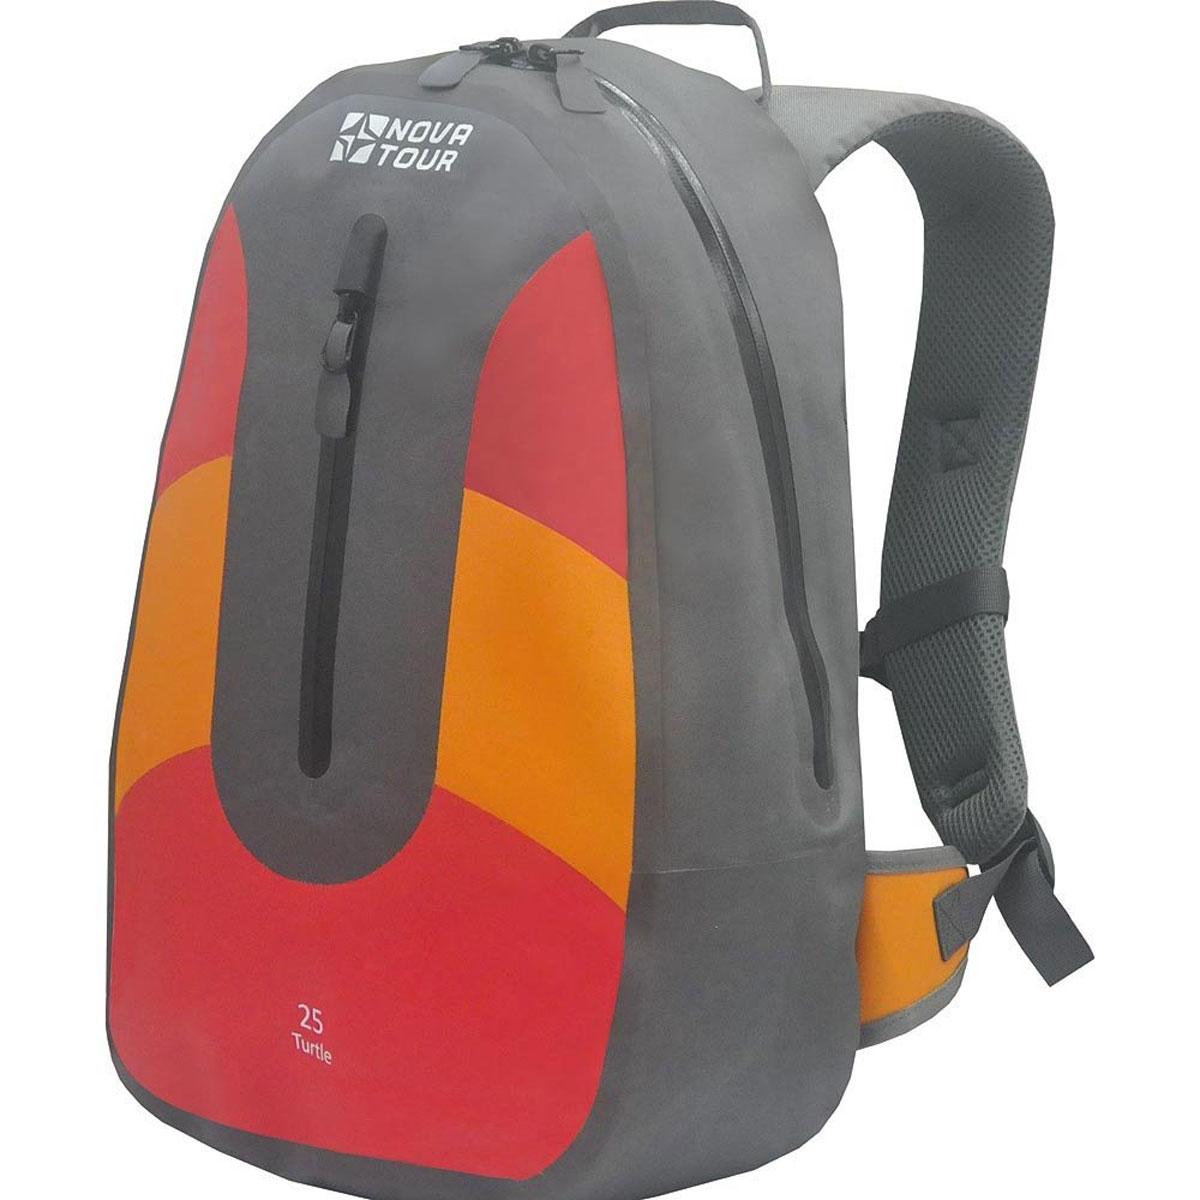 Рюкзак водонепроницаемый Nova Tour Черепаха 25, цвет: серый, красный, оранжевый. 95140-471-00